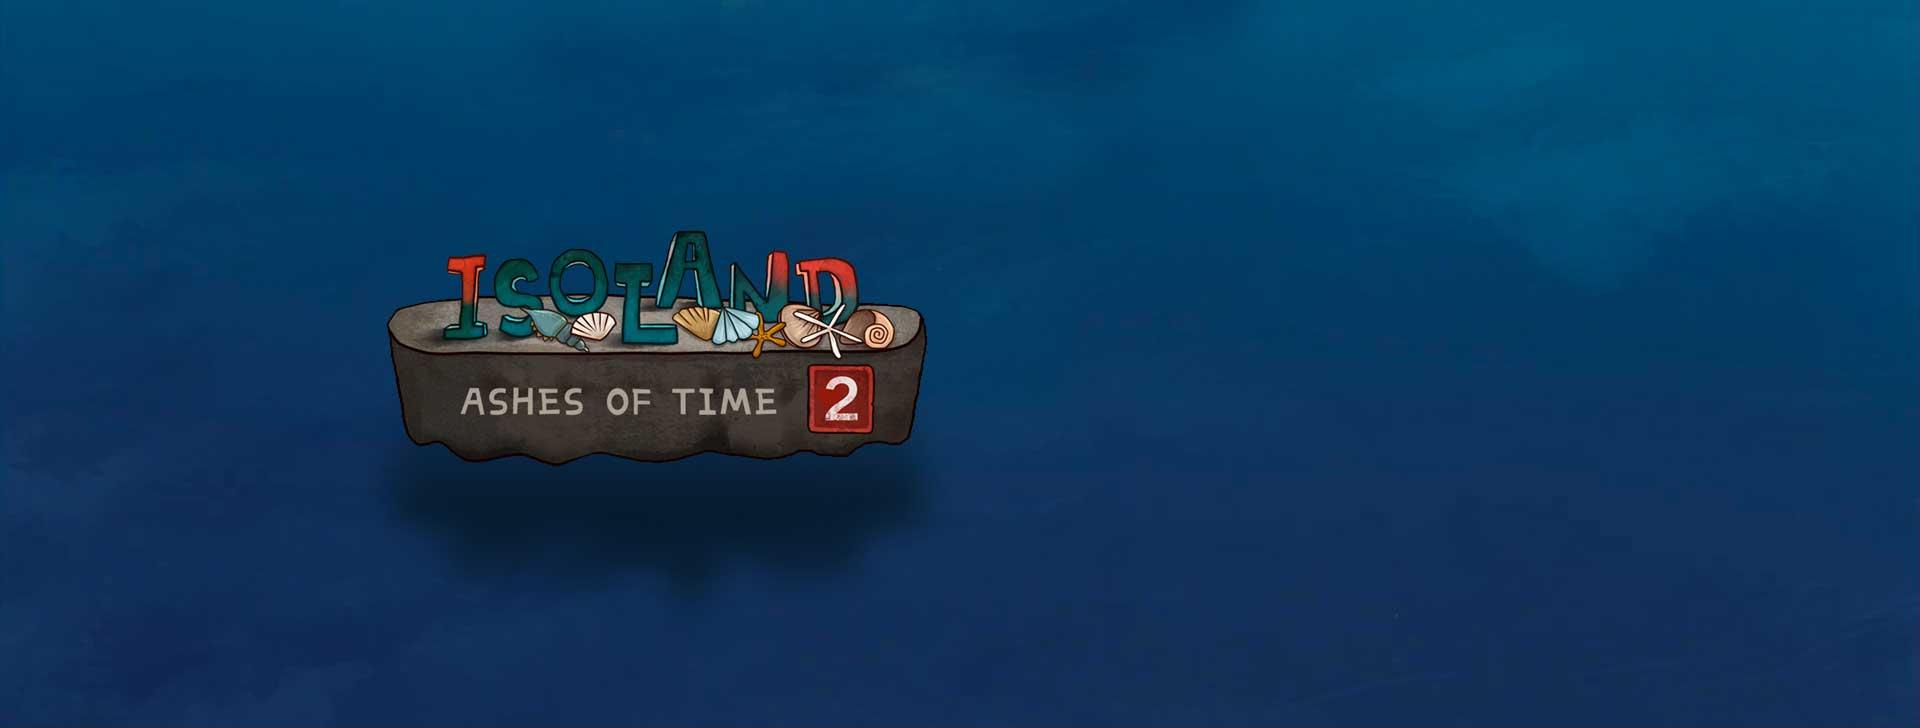 迷失岛2:时间的灰烬